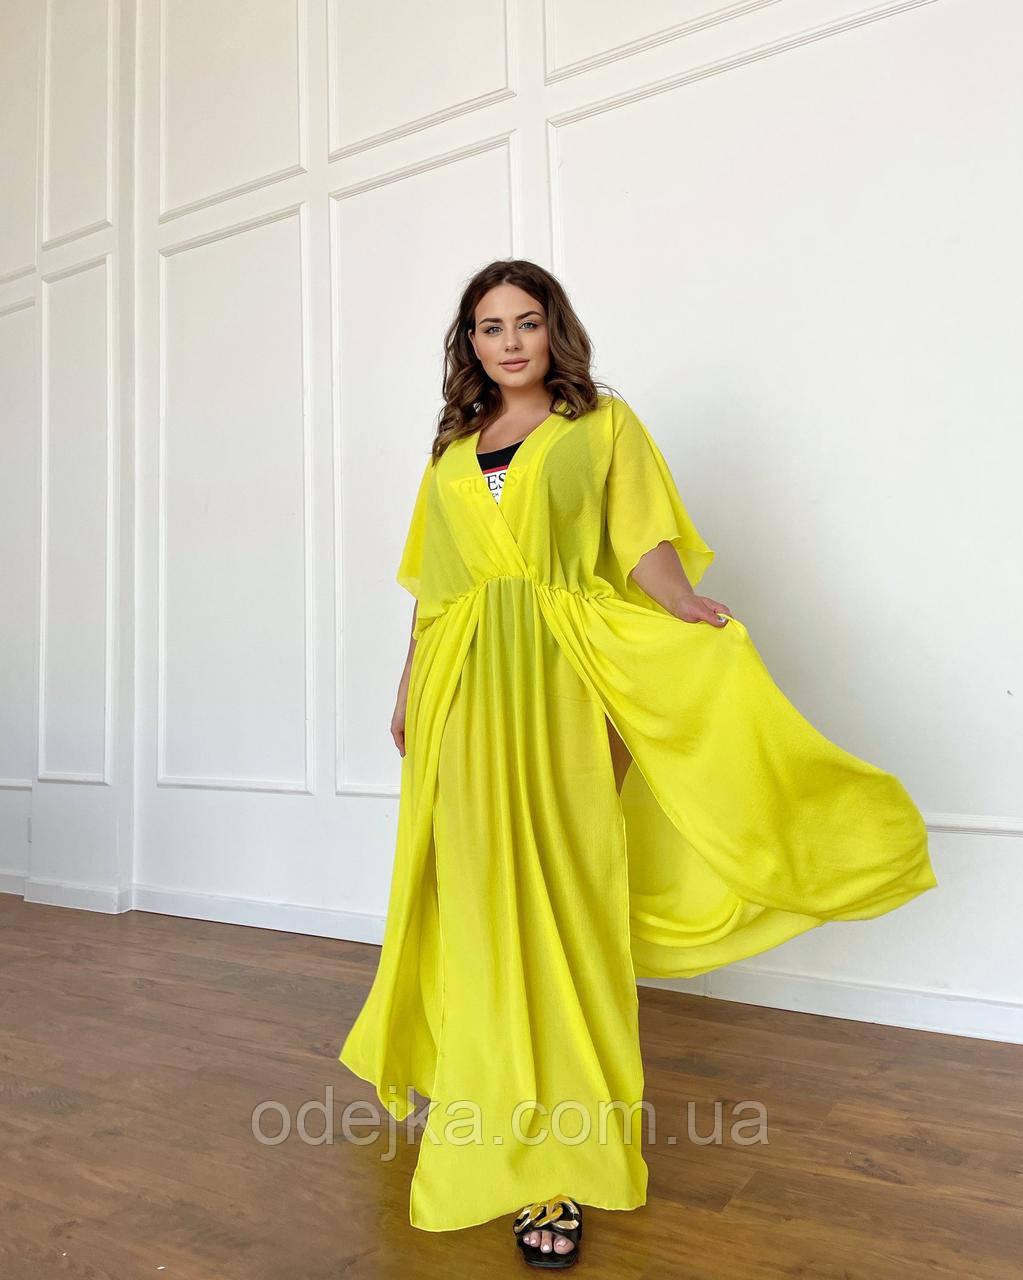 Пляжная длинная туника - платье жёлтая